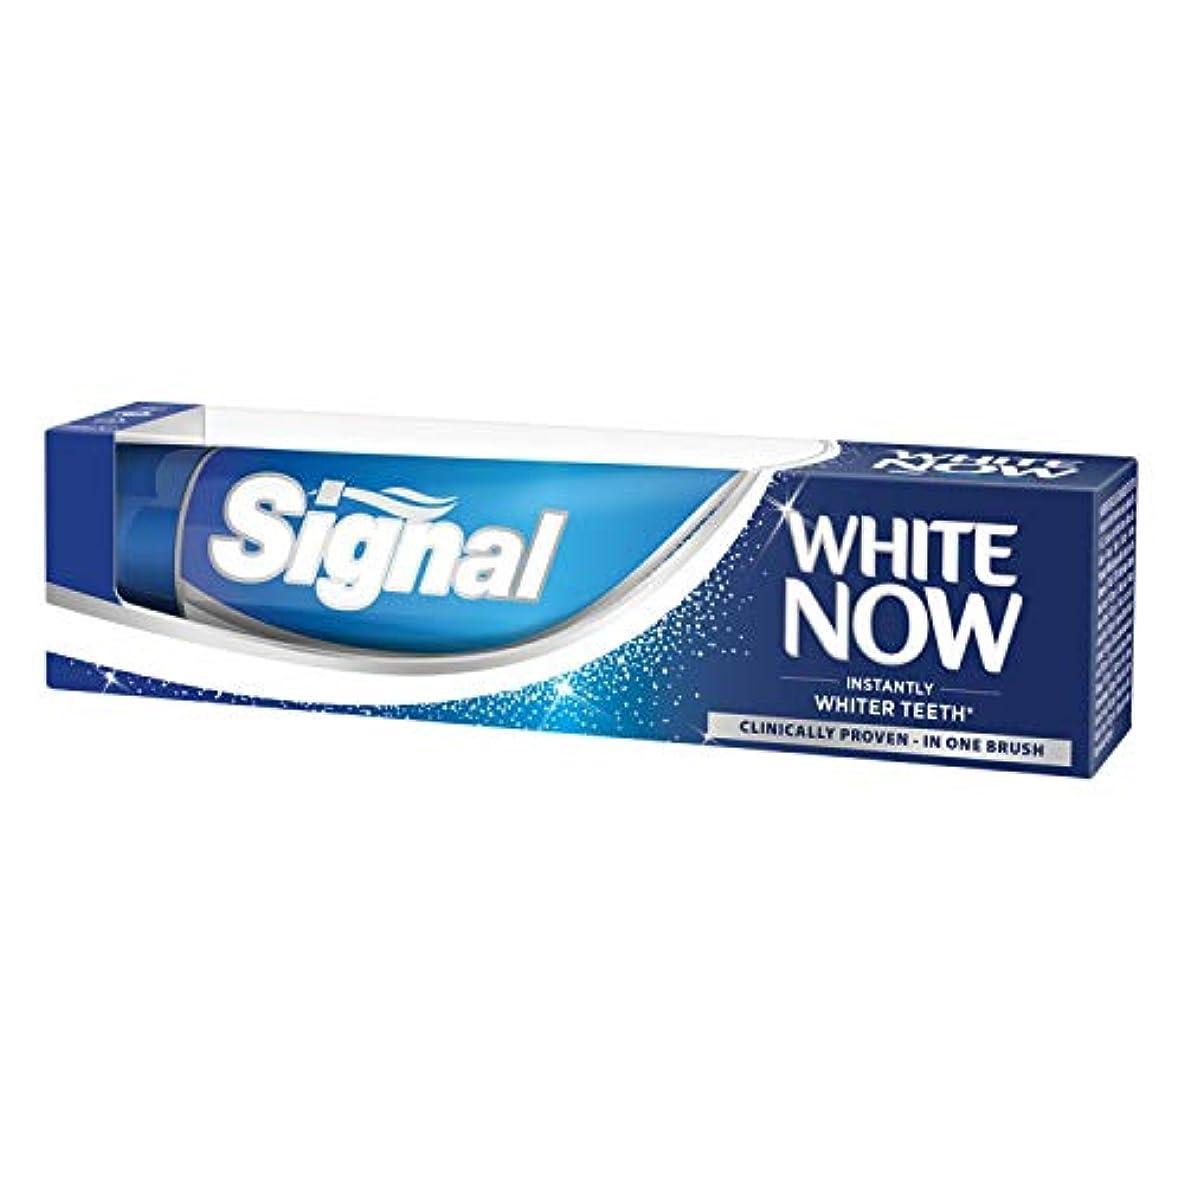 見積り配当効率的Signal(シンガル) White Now「白今」 ホワイトニング歯磨き粉 インスタント効果、臨床的に証明された 75ml 3個入り [並行輸入品]